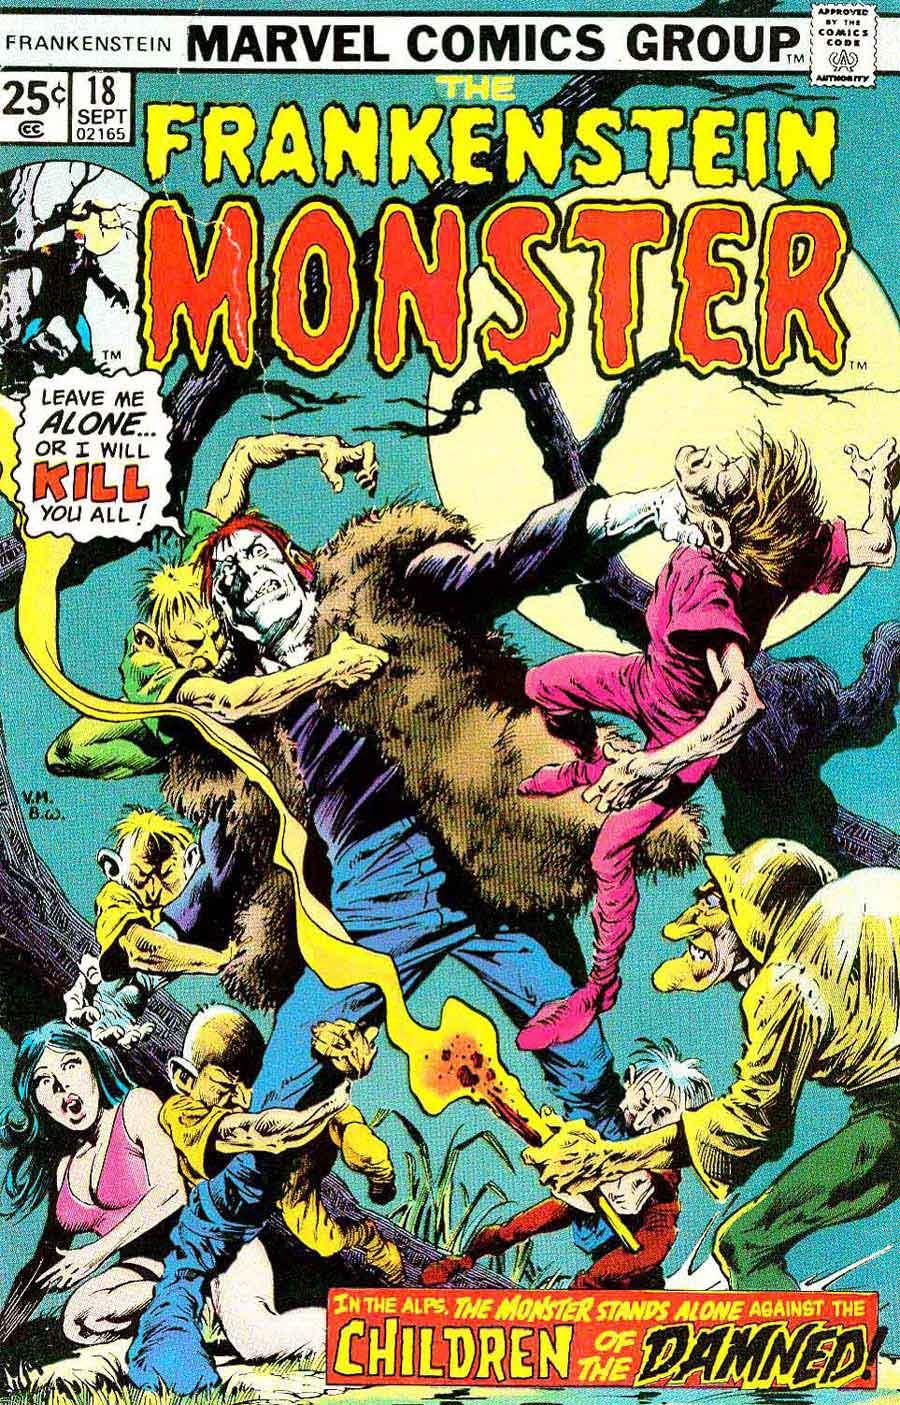 Frankenstein v2 #18 bronze age marvel comic book cover art Bernie Wrightson